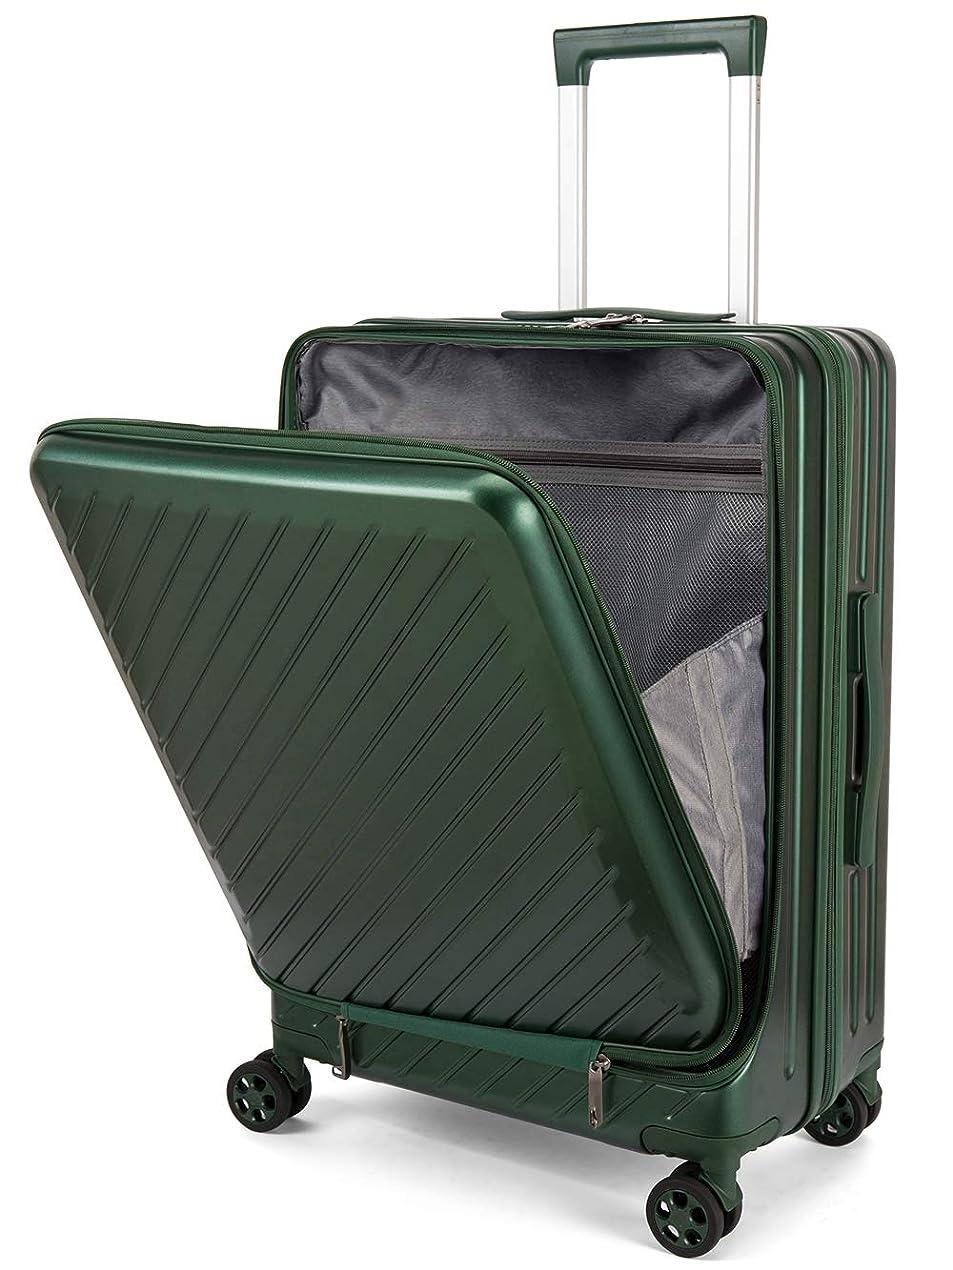 間違い提供された拡声器Osonm スーツケース キャリーバッグ コンピュータケース 機内持込可 厚くする 耐摩耗 二重ファスナー 八輪キャスター 静音設計 TSAロック搭載 3022